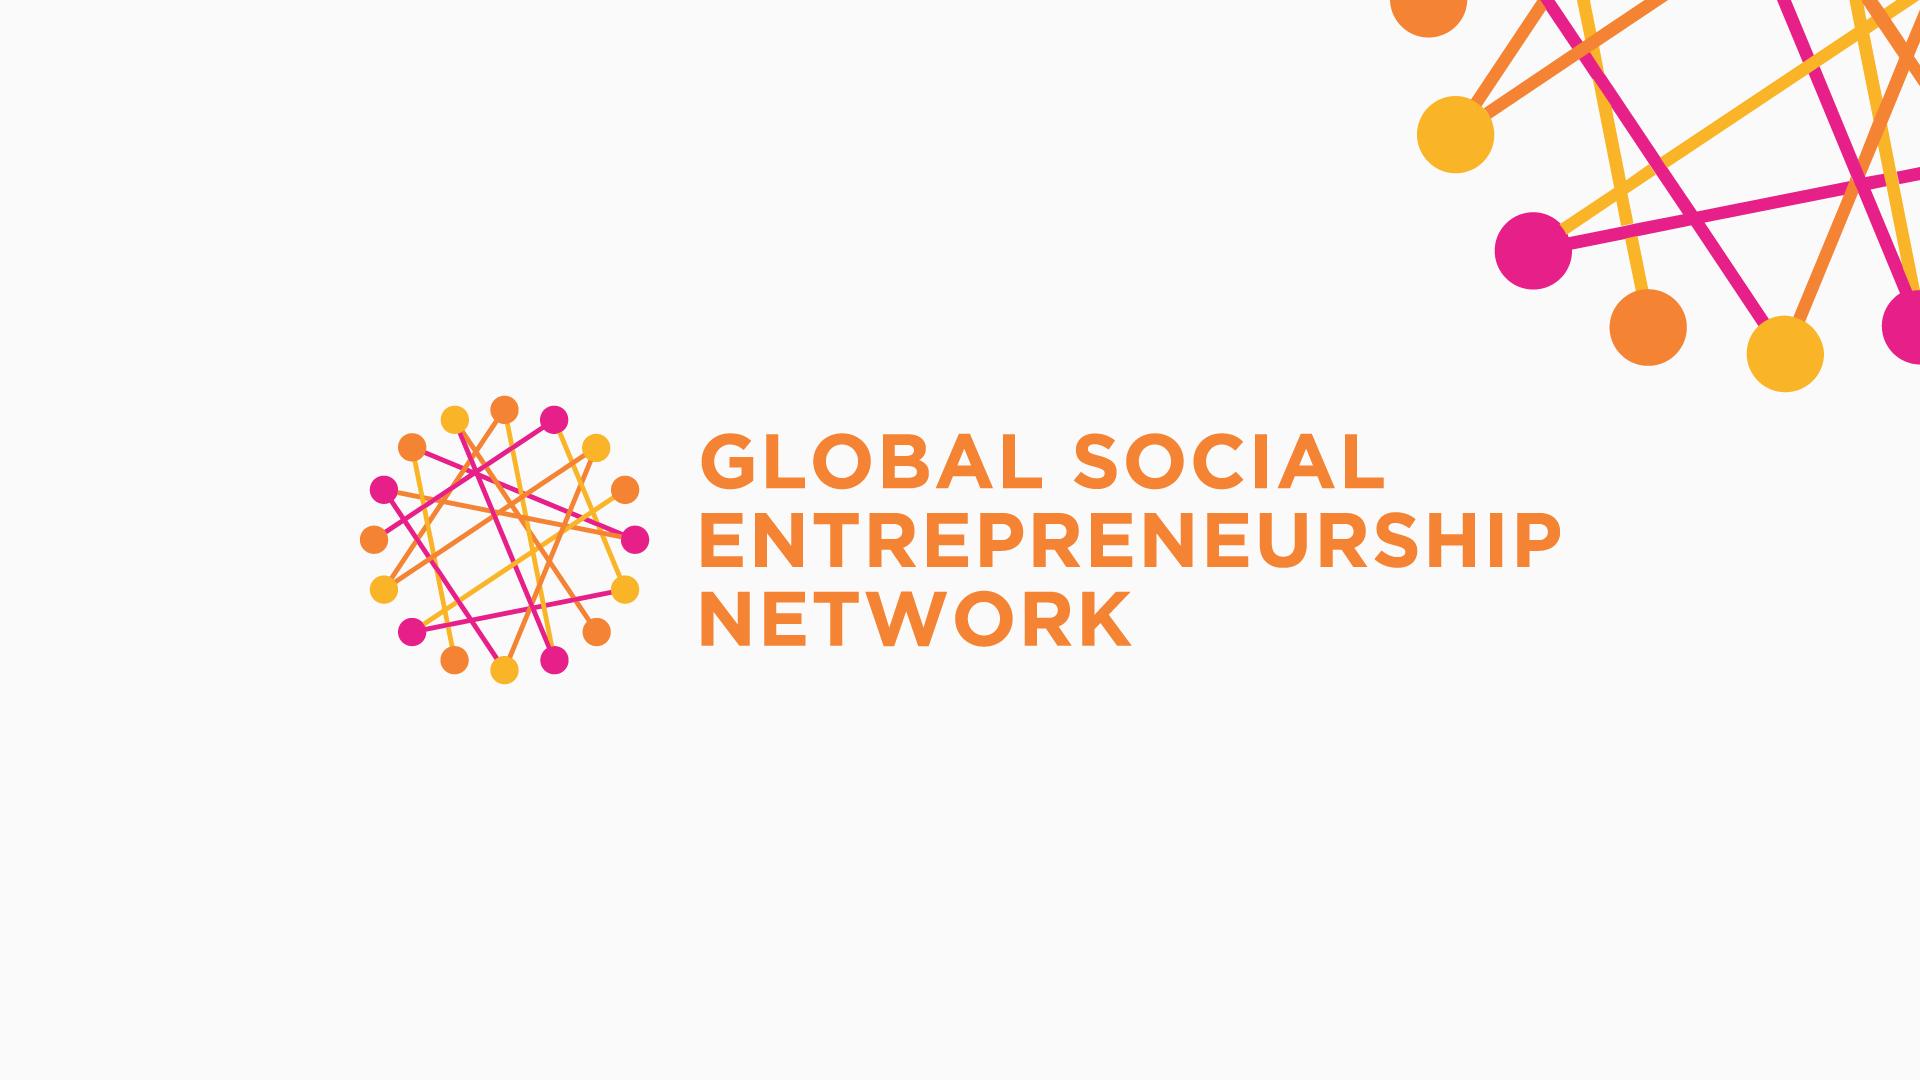 Social entrepreneurship network